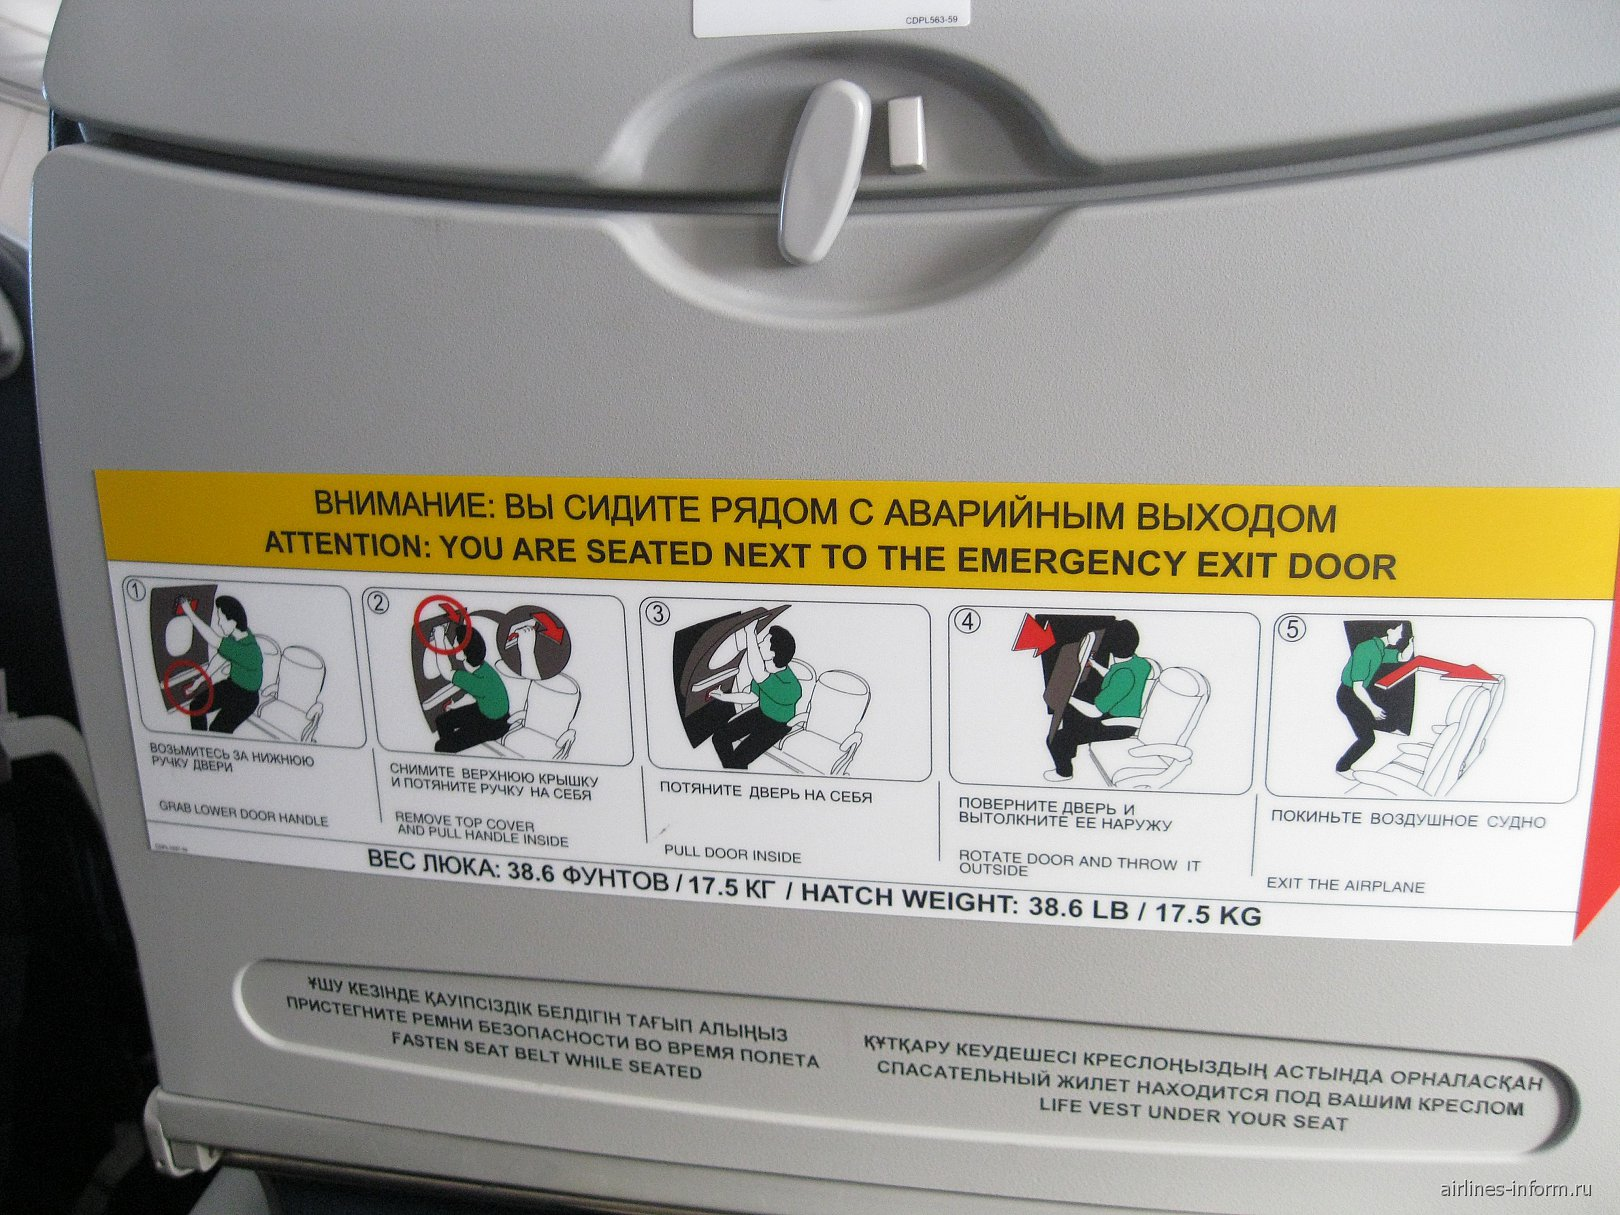 Инструкция по безопасности авиакомпании Air Astana